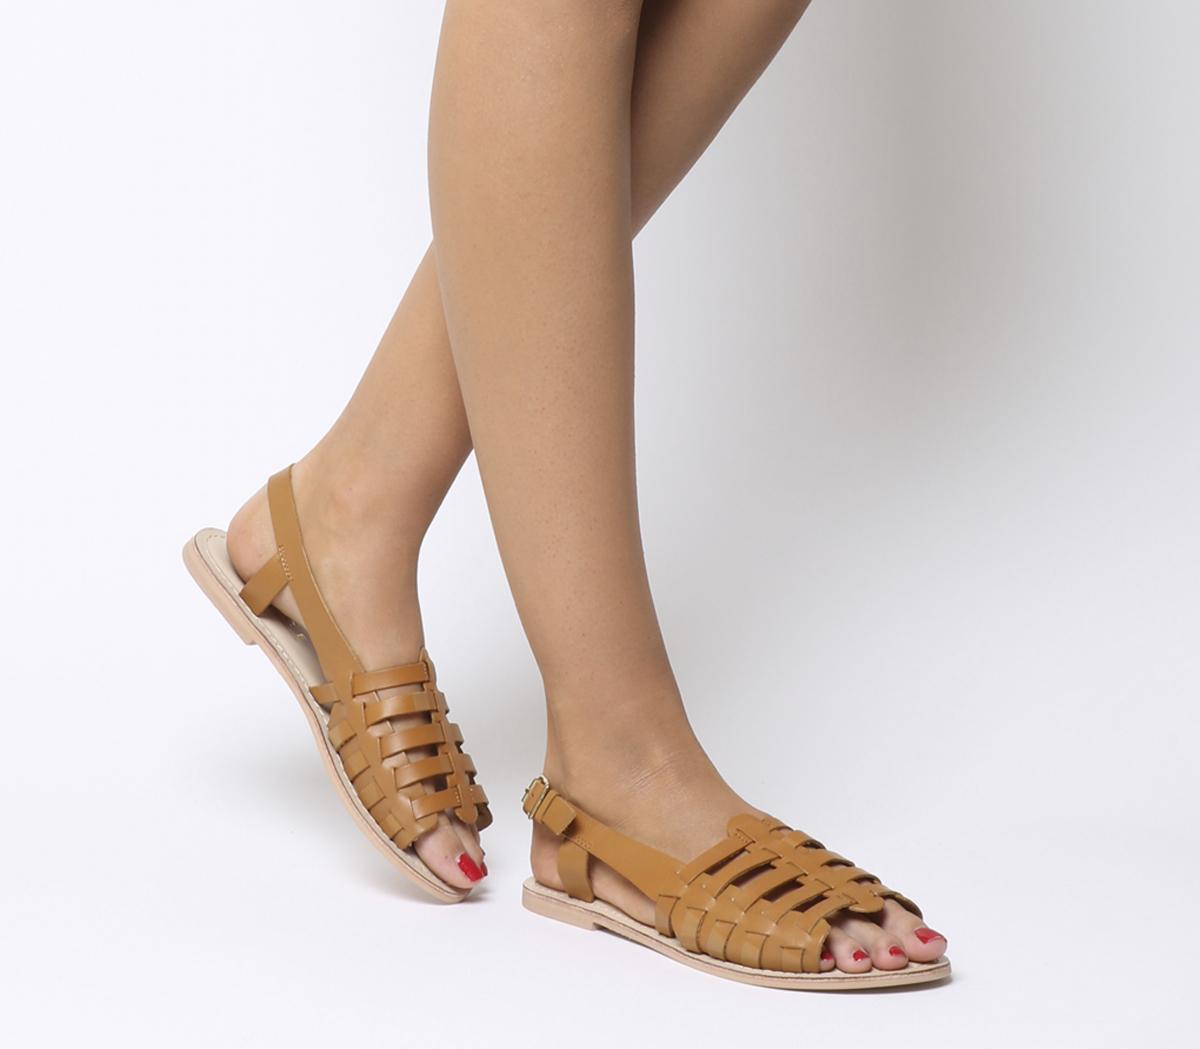 Saviour Vintage Sandals